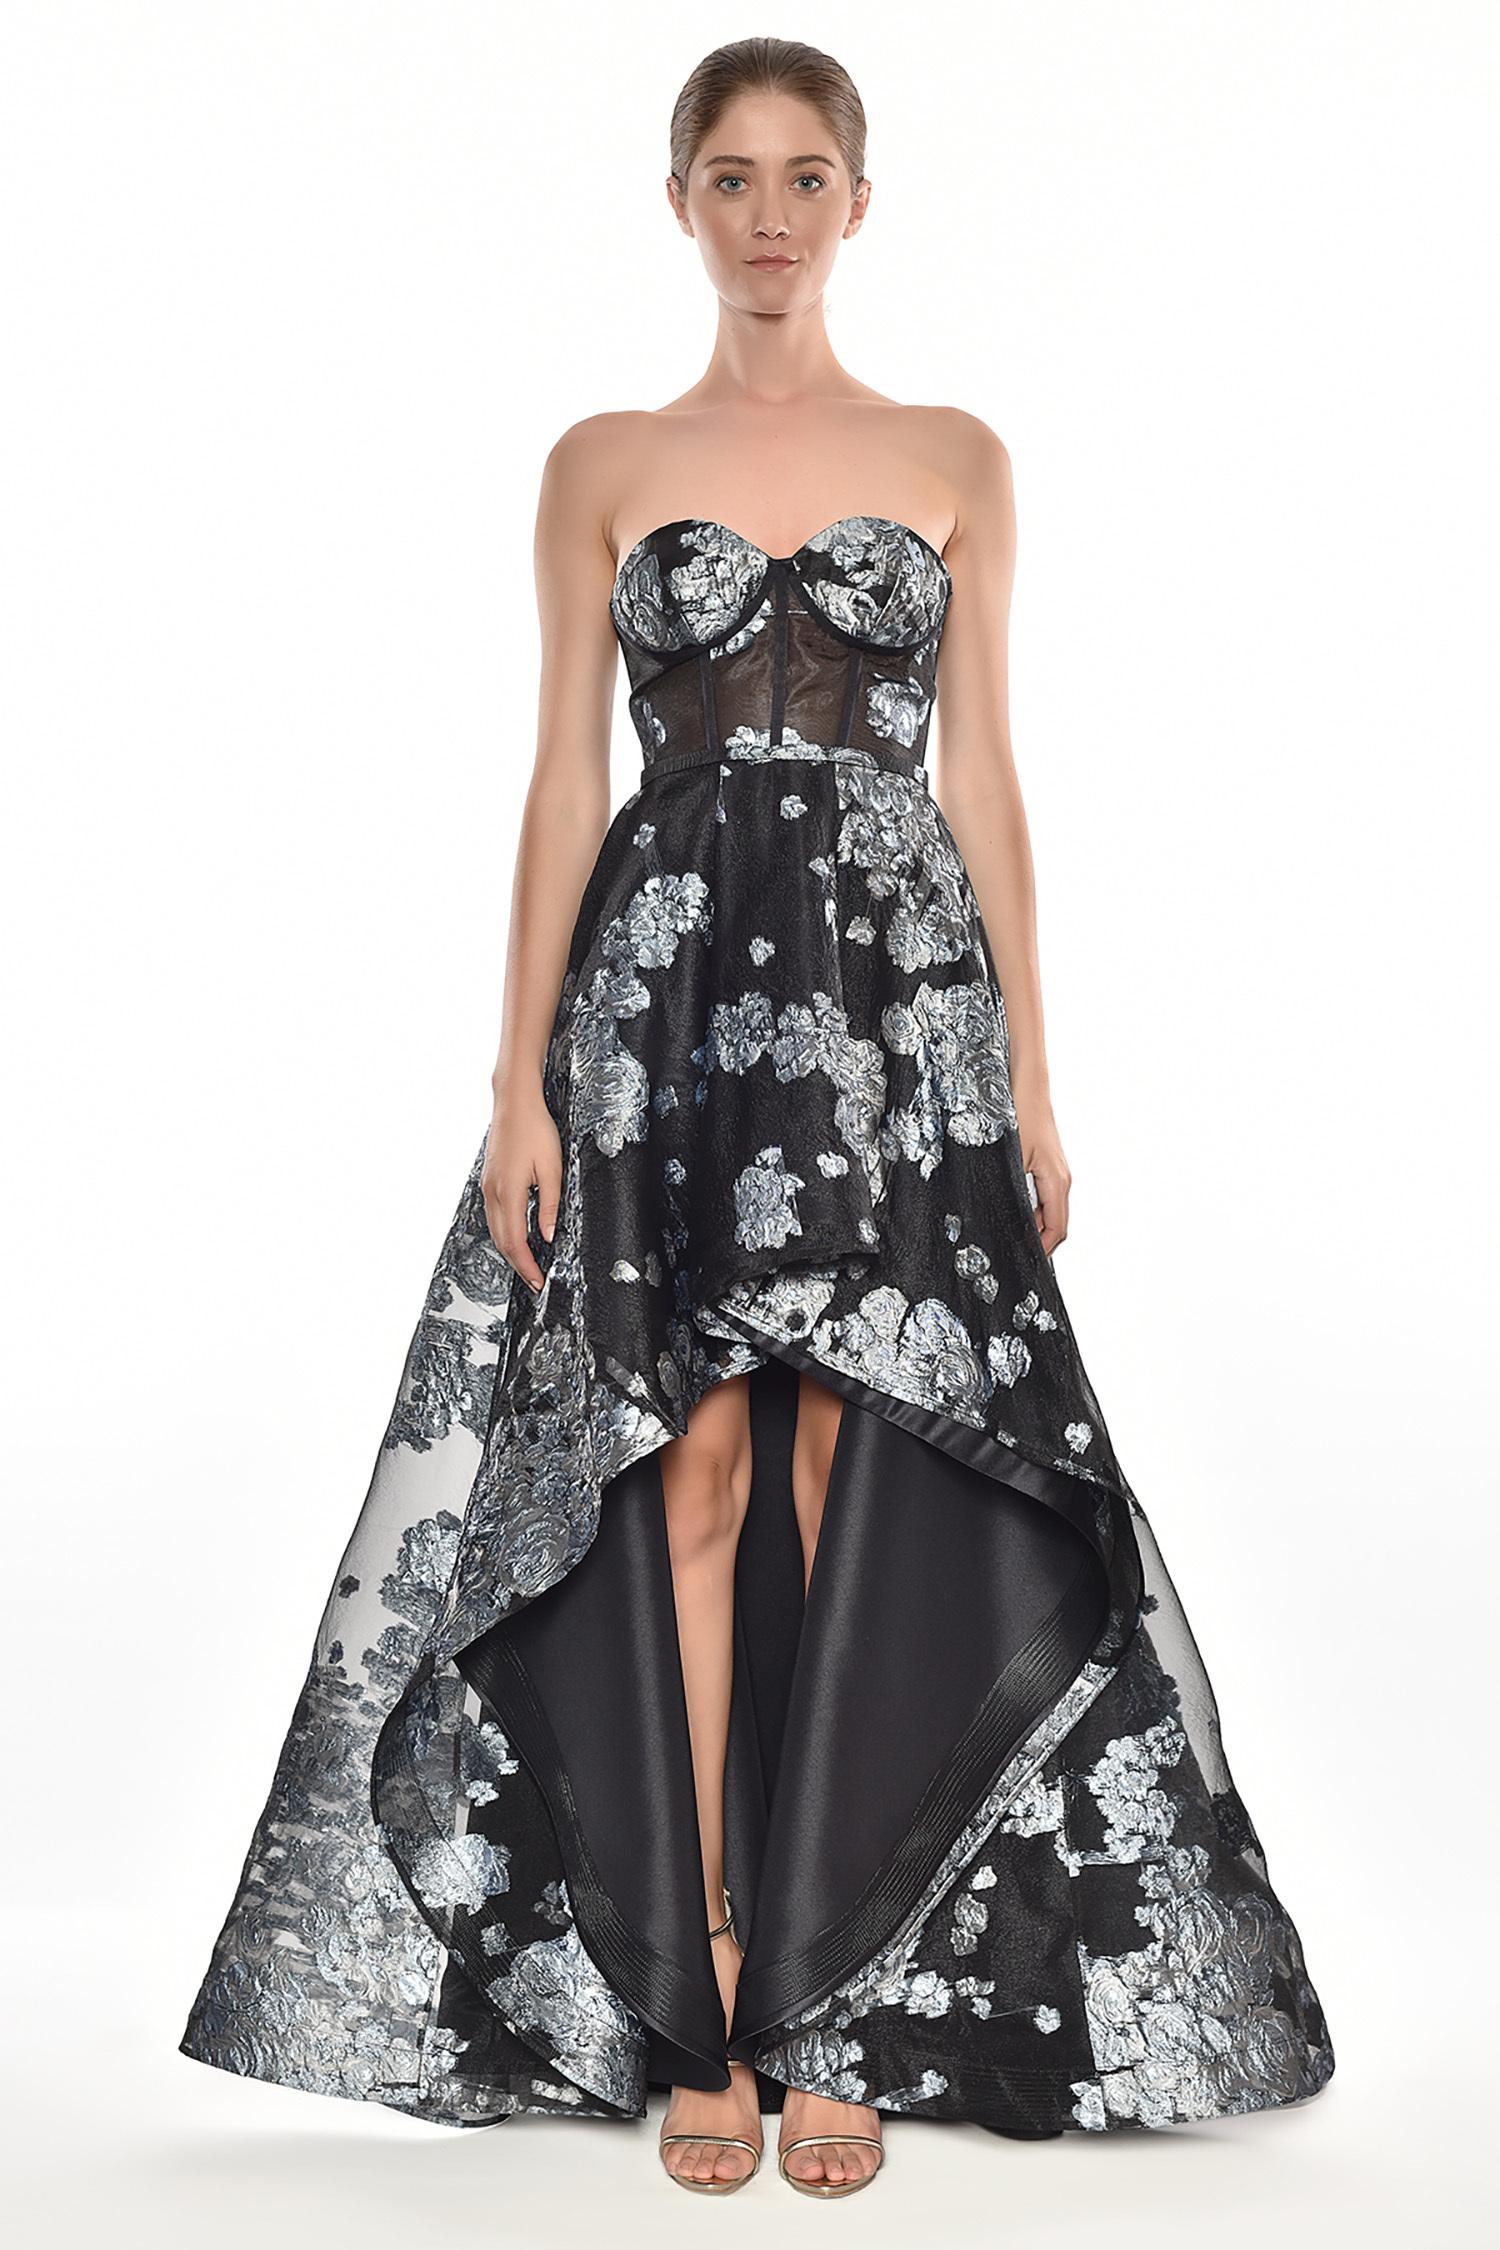 Alfa Beta - Siyah Mavi Desenli Straplez Önü Kısa Arkası Uzun Abiye Elbise